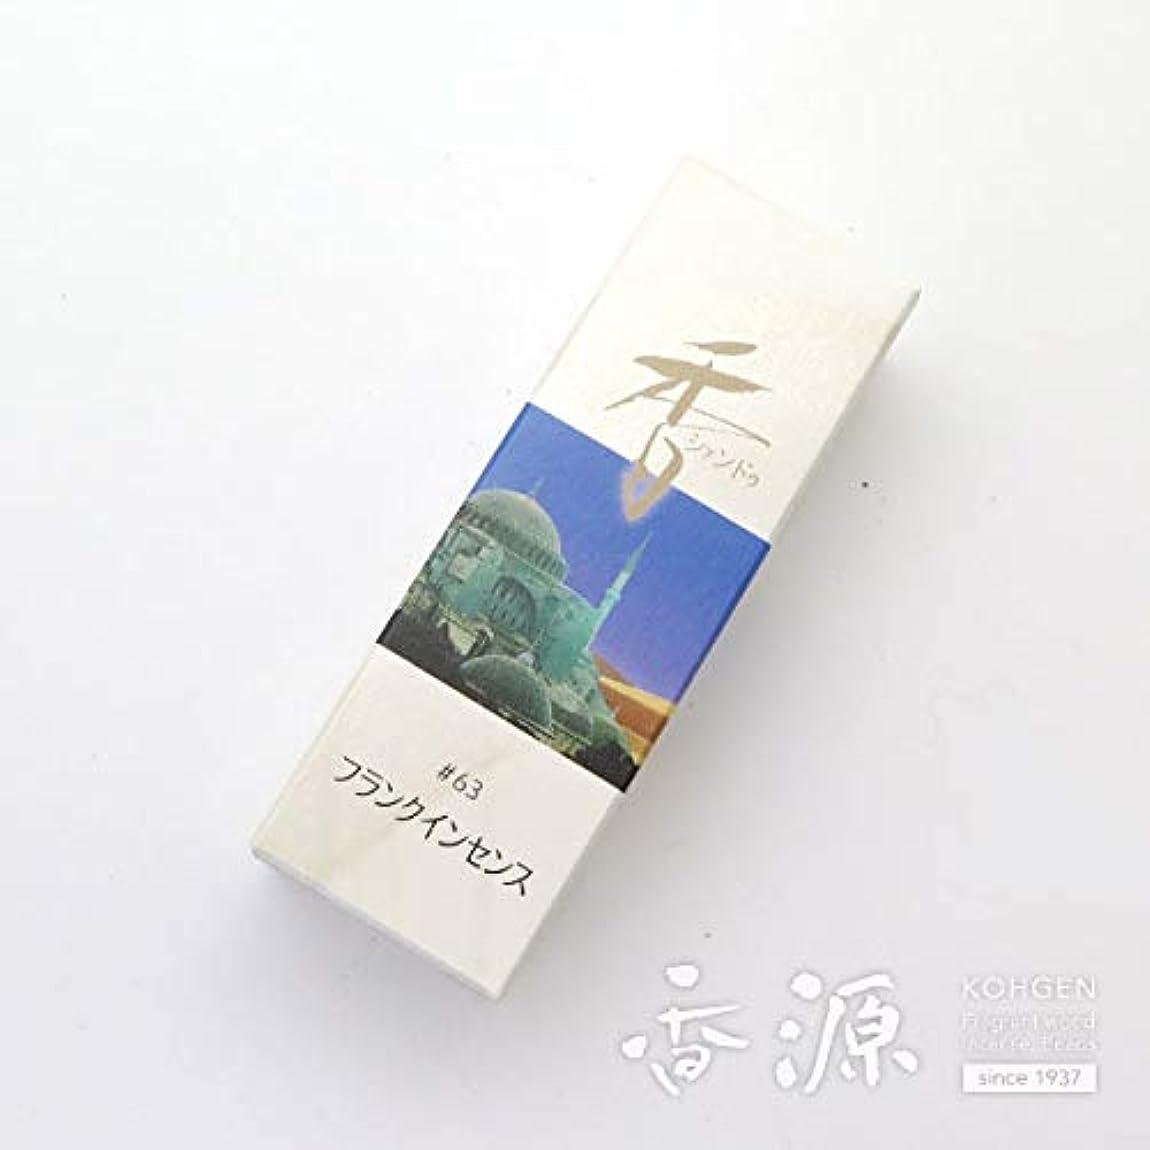 データベース誇りヒューマニスティックXiang Do(シャンドゥ) 松栄堂のお香 フランクインセンス ST20本入 簡易香立付 #214263